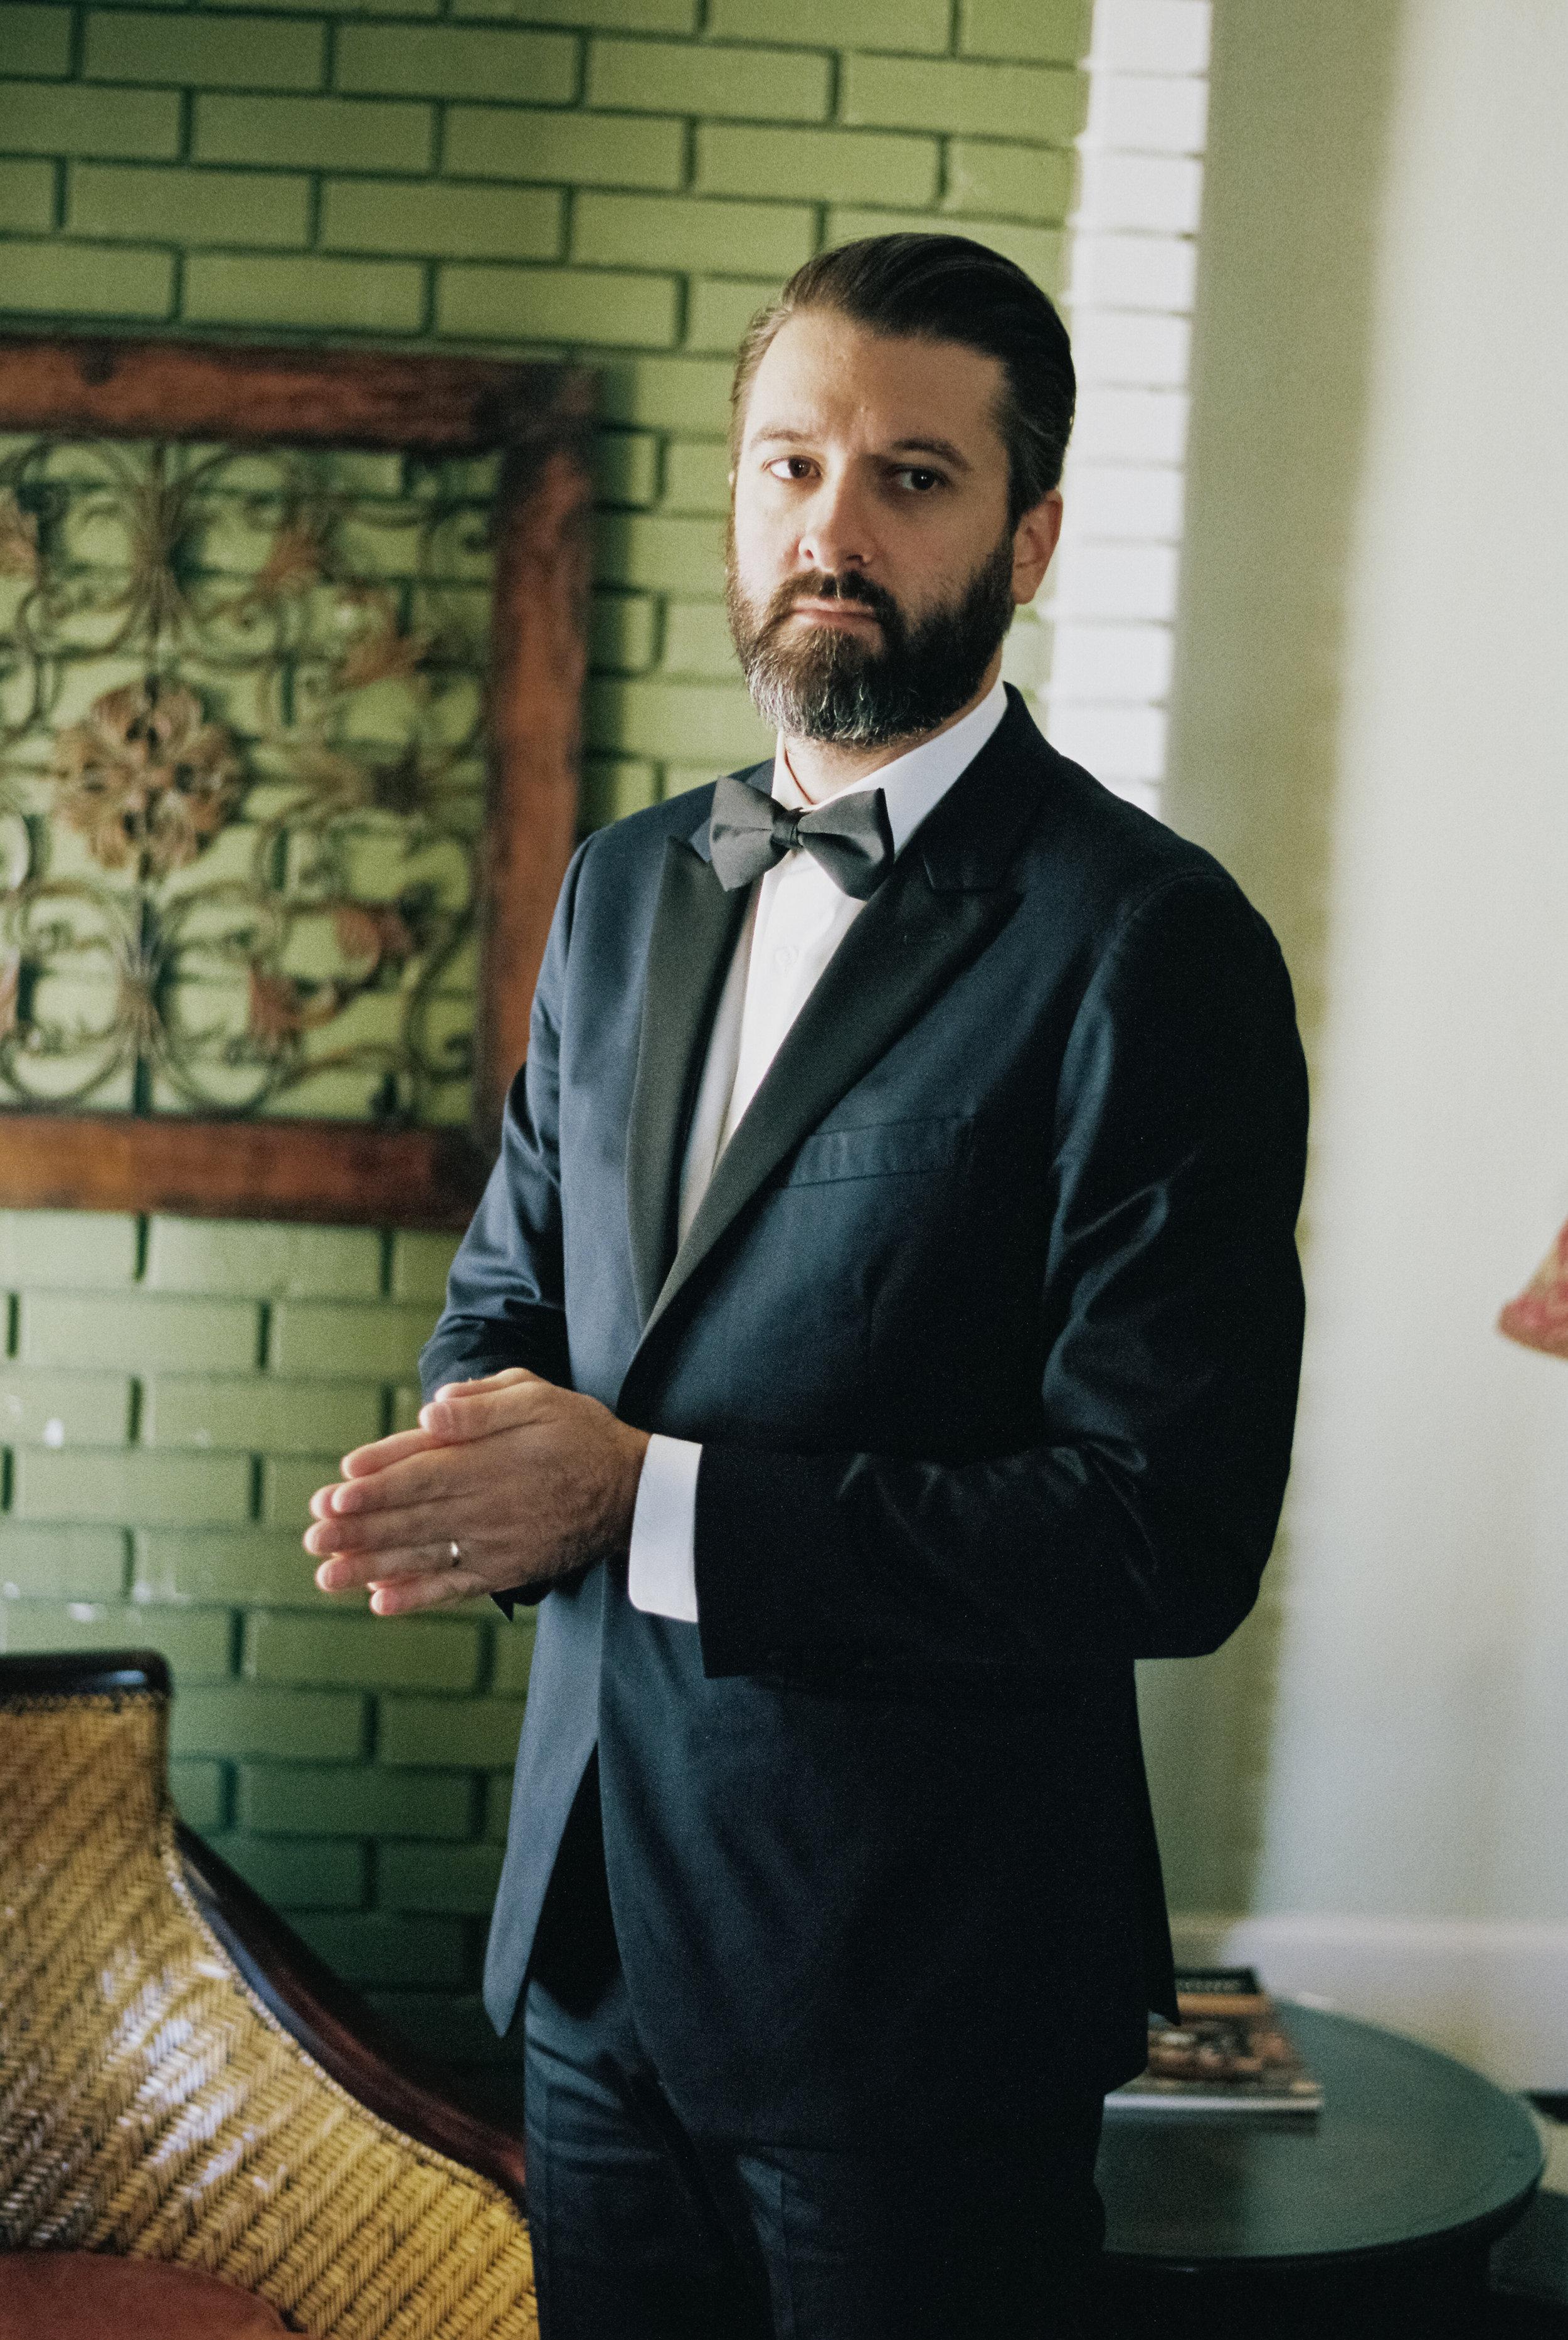 marfa-texas-weddings-13.jpg